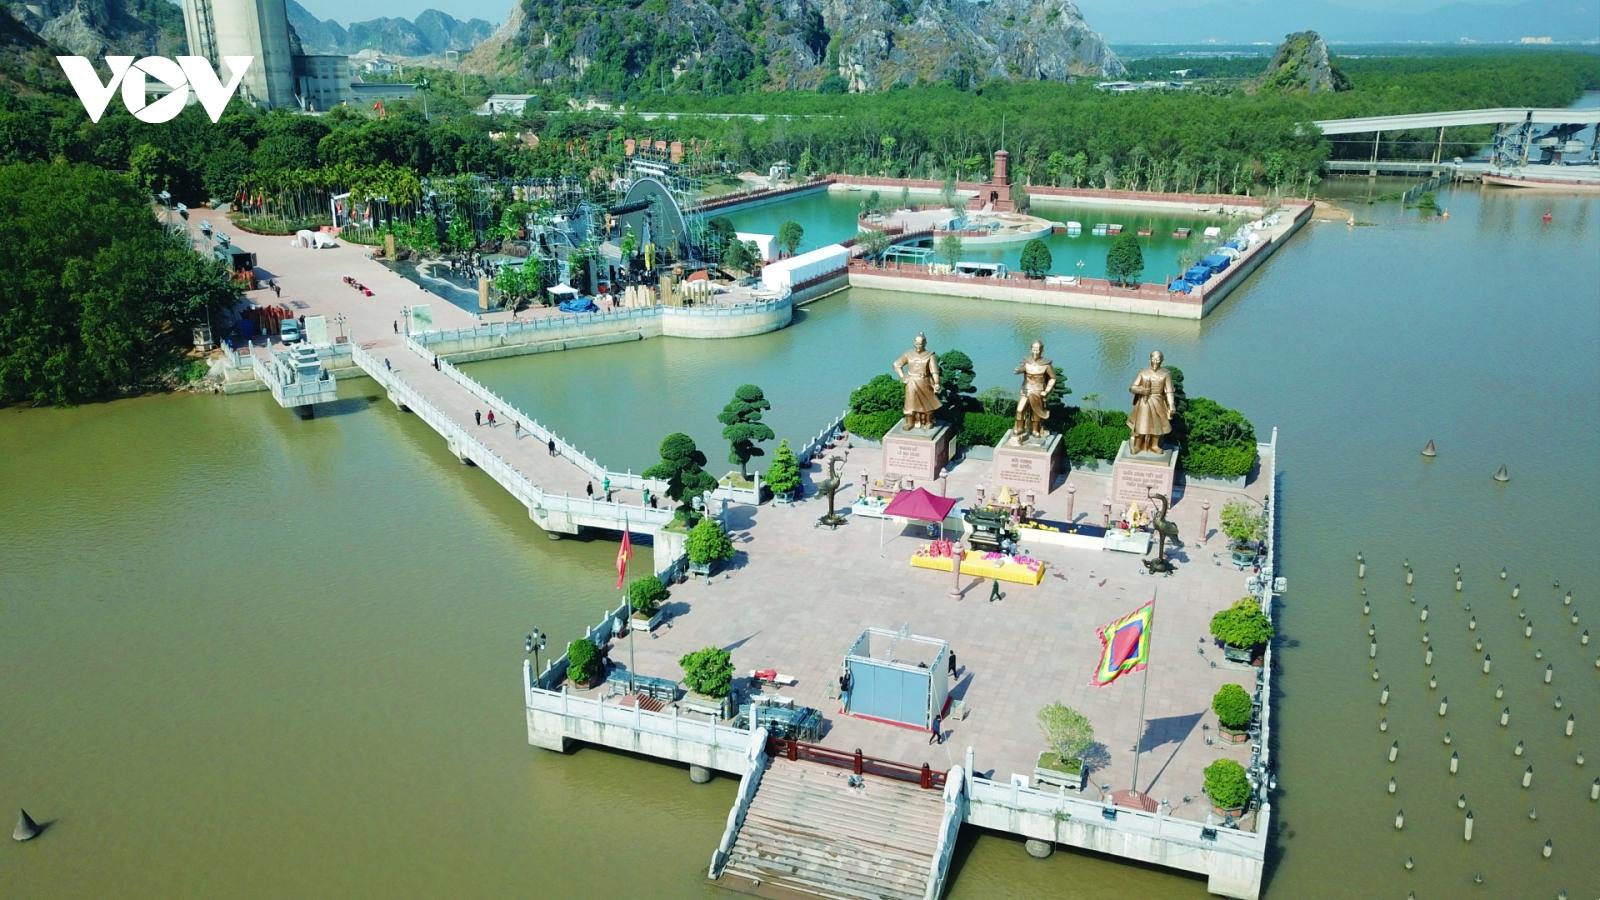 Di tích lịch sử Quốc gia Bạch Đằng Giang - Nơi hội tụ hồn thiêng sông núi